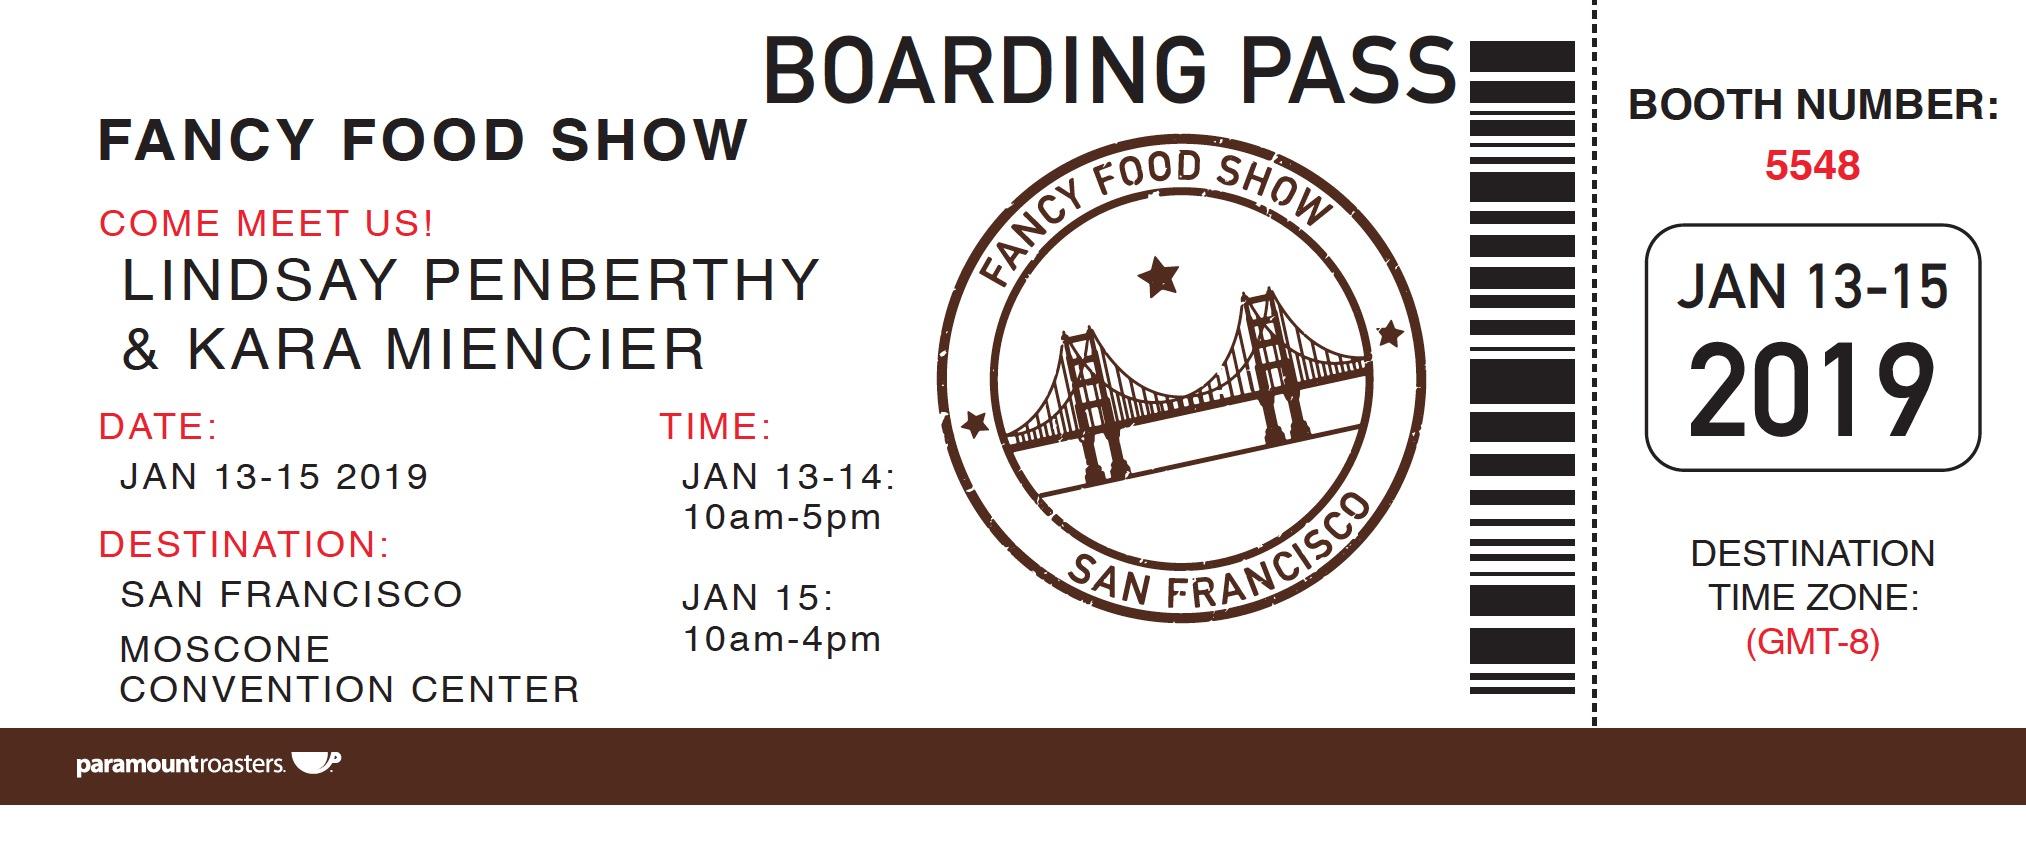 Boarding Pass A.jpg